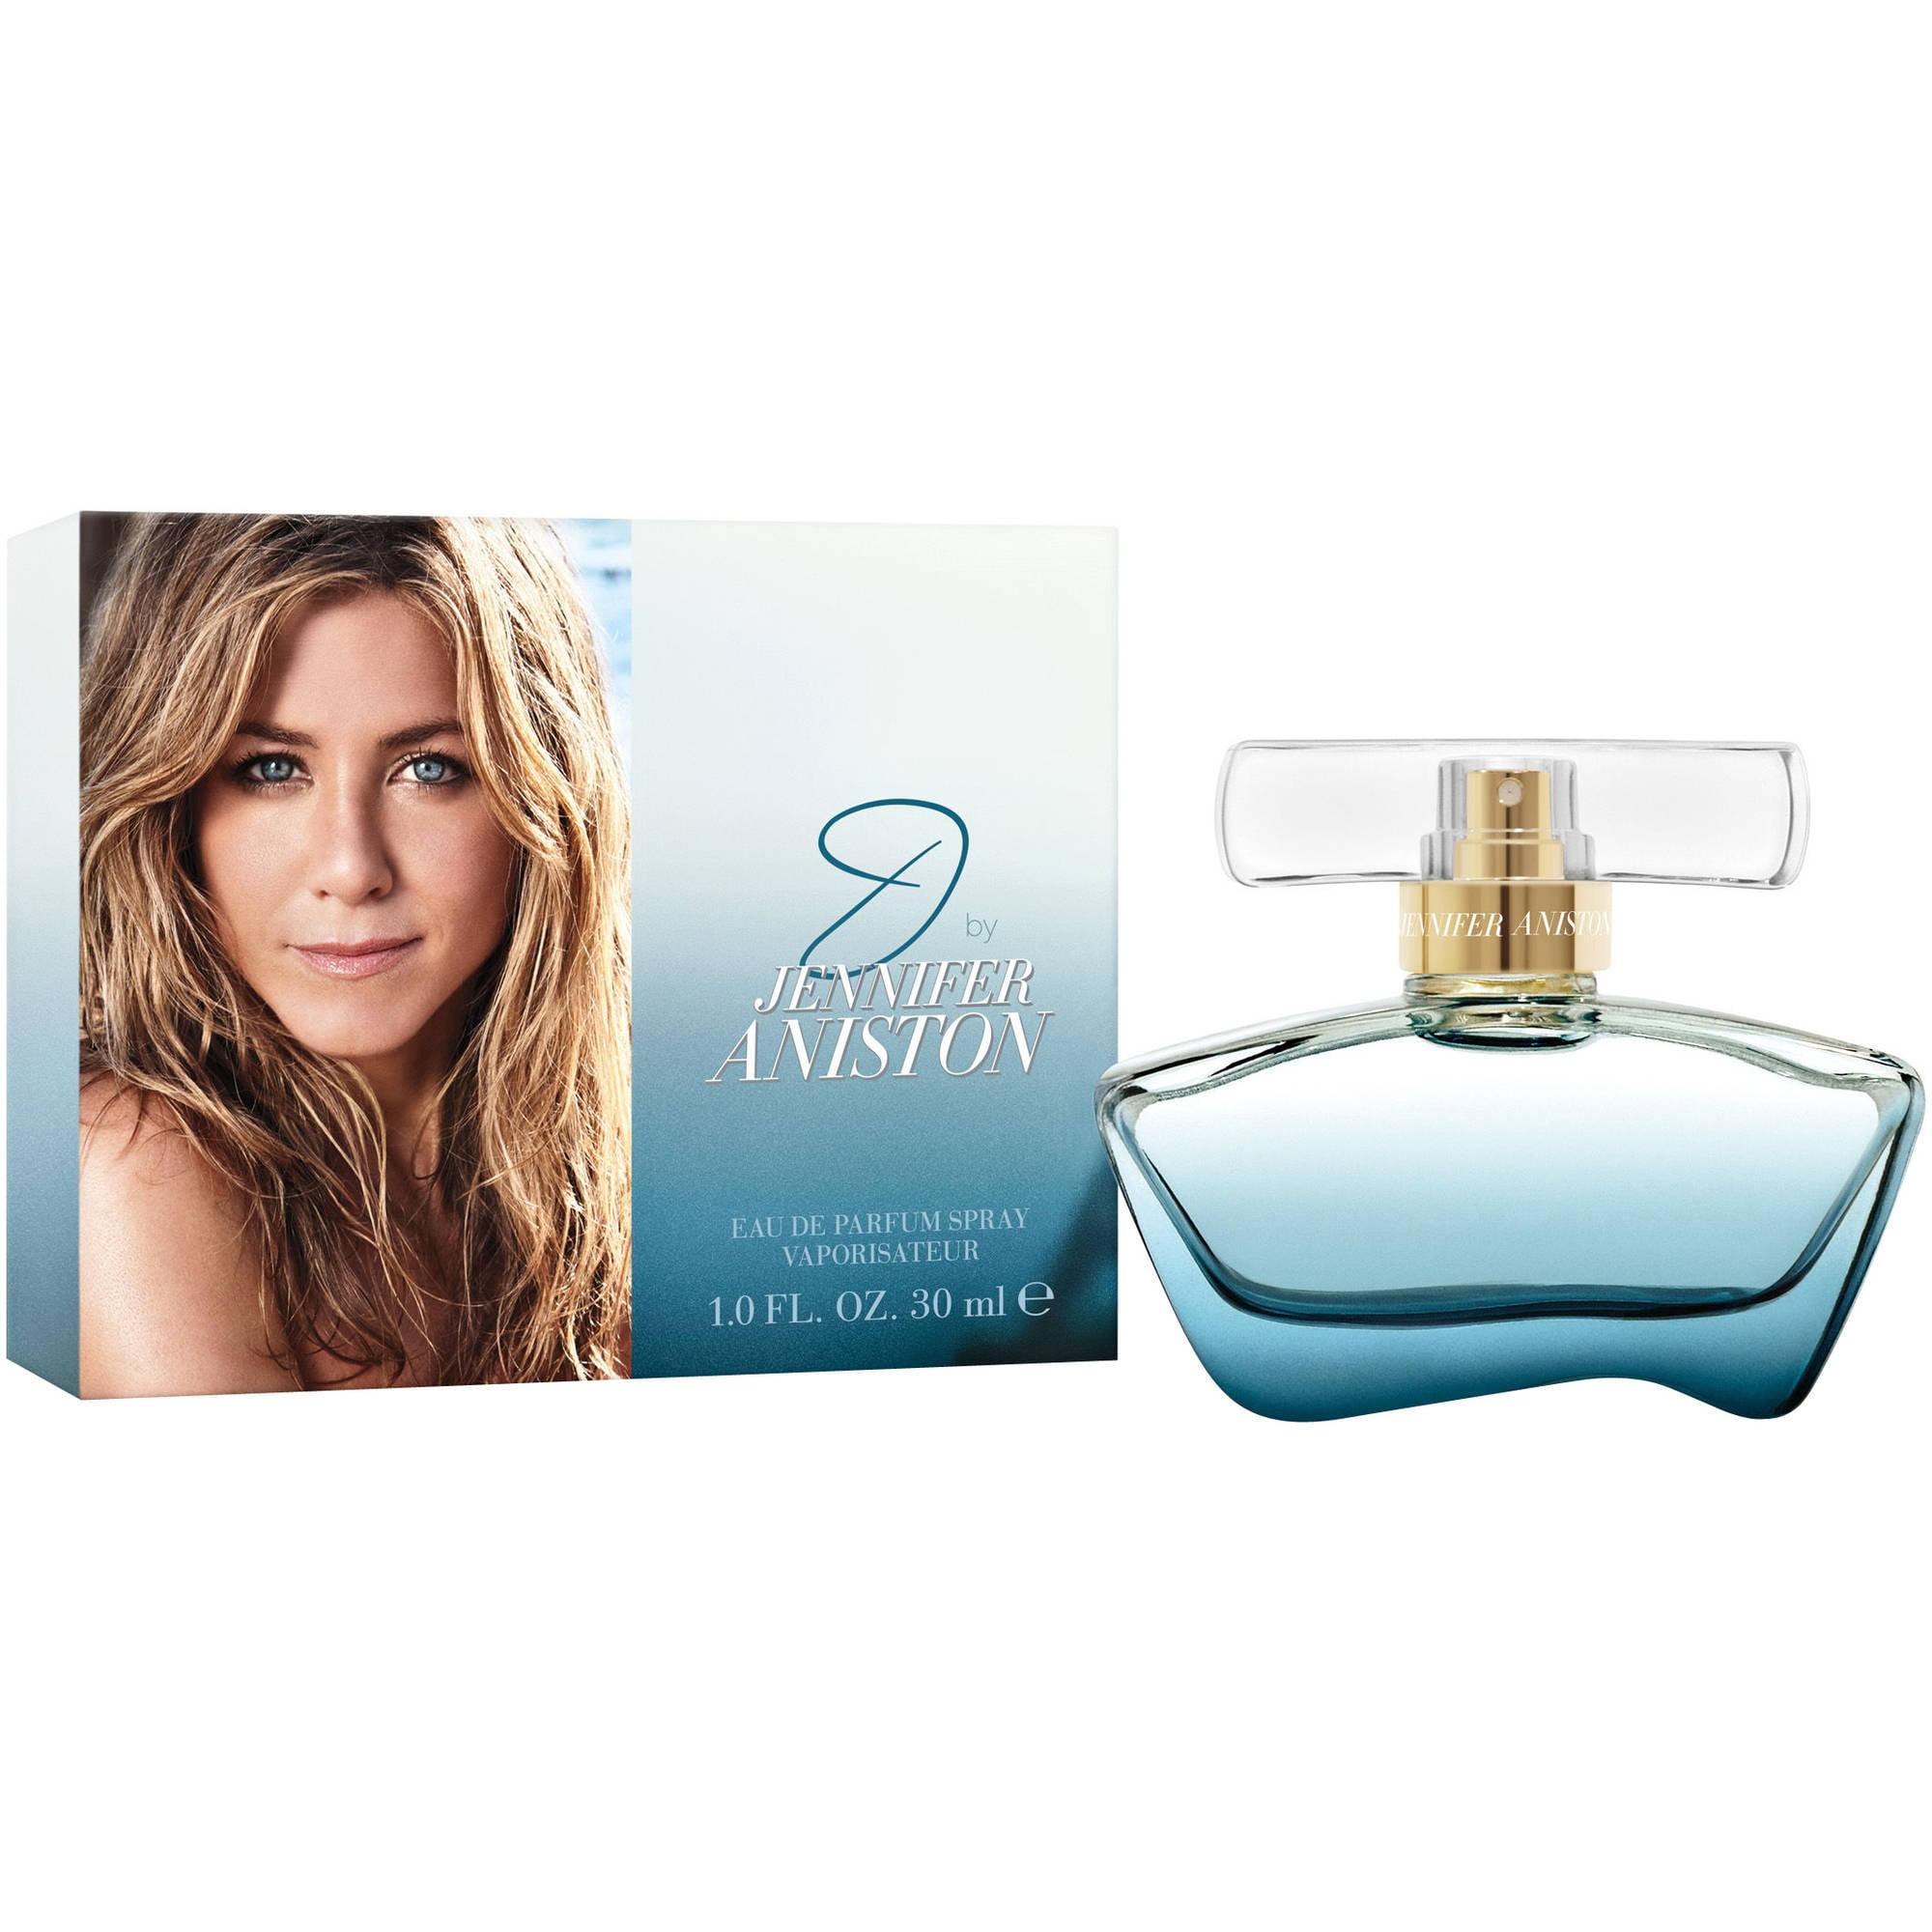 J by Jennifer Aniston Eau de Parfum, 1 fl oz